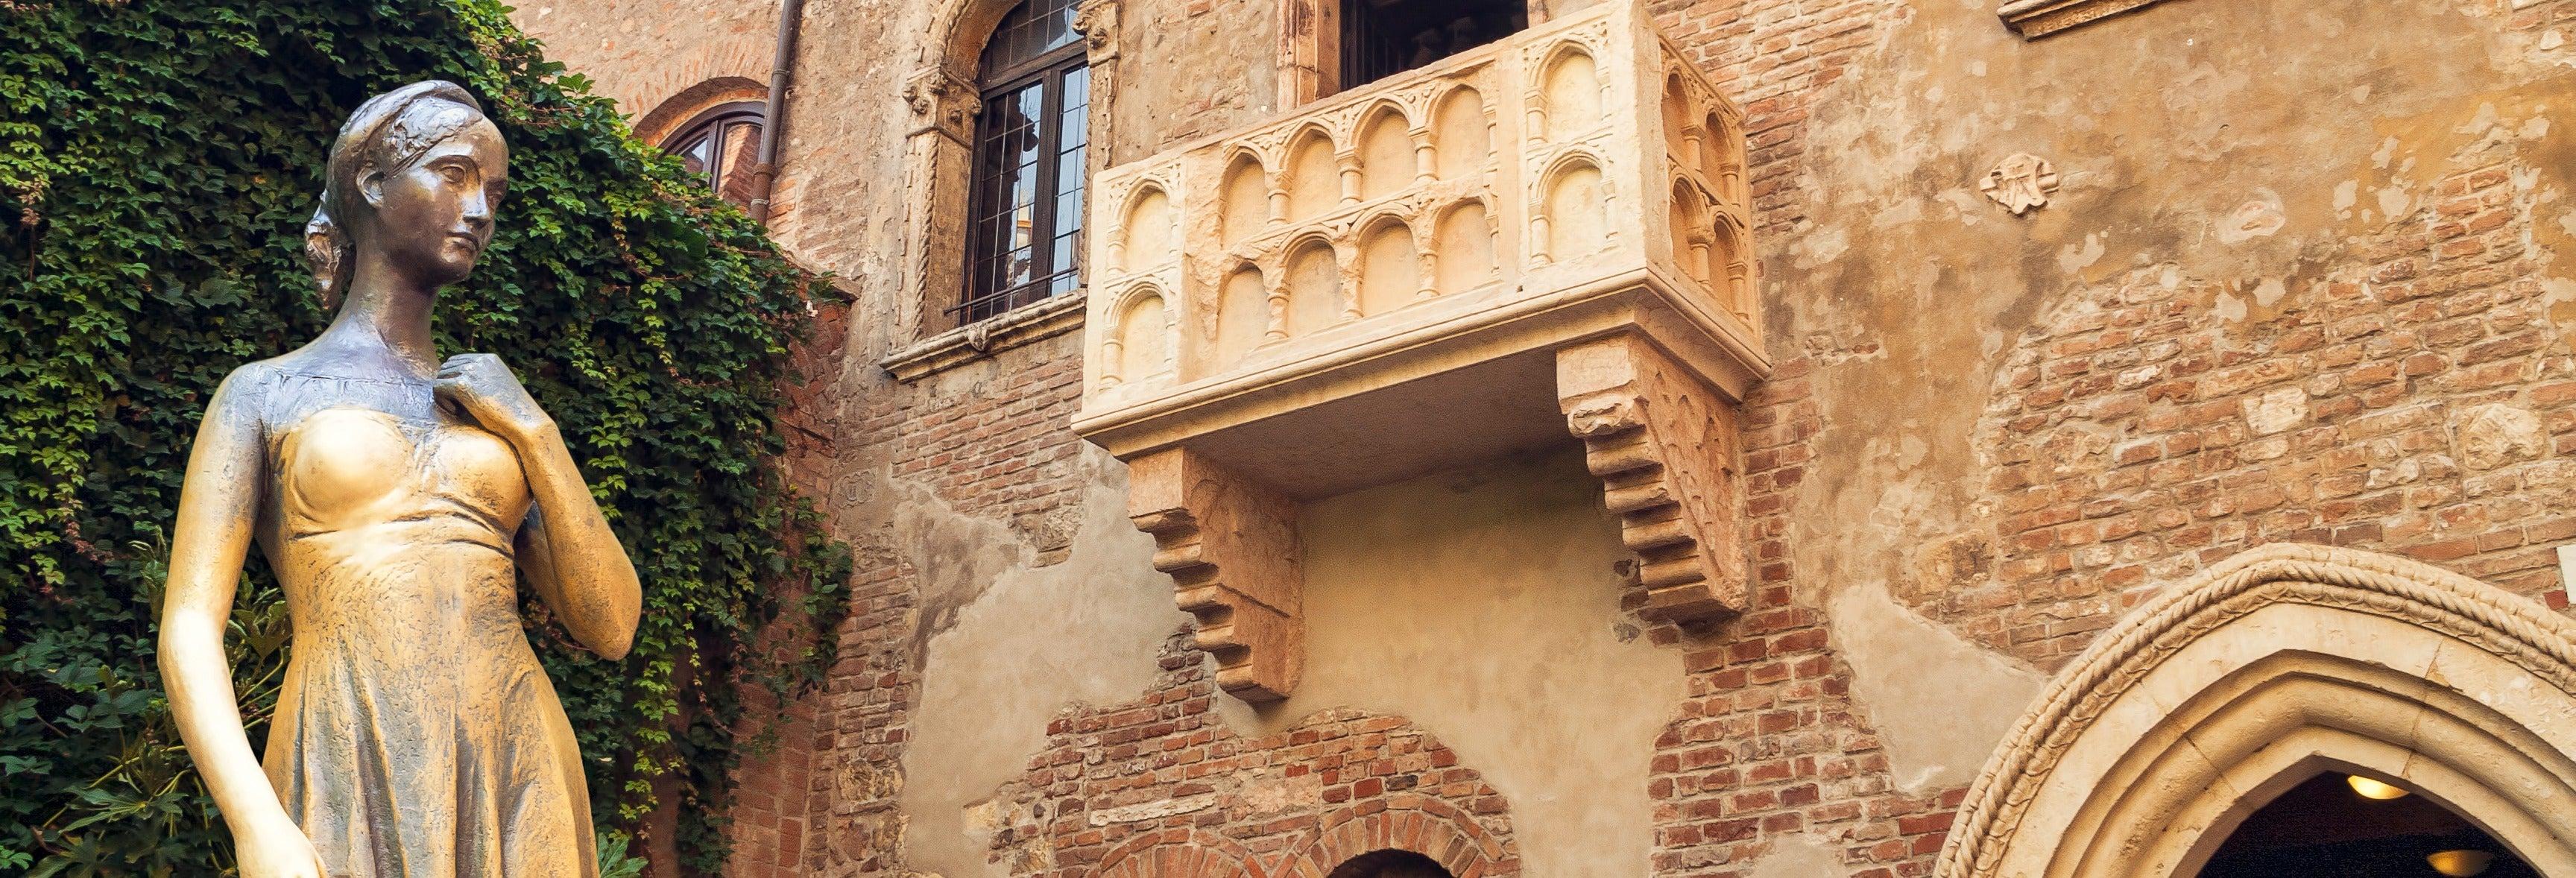 Excursión a Verona